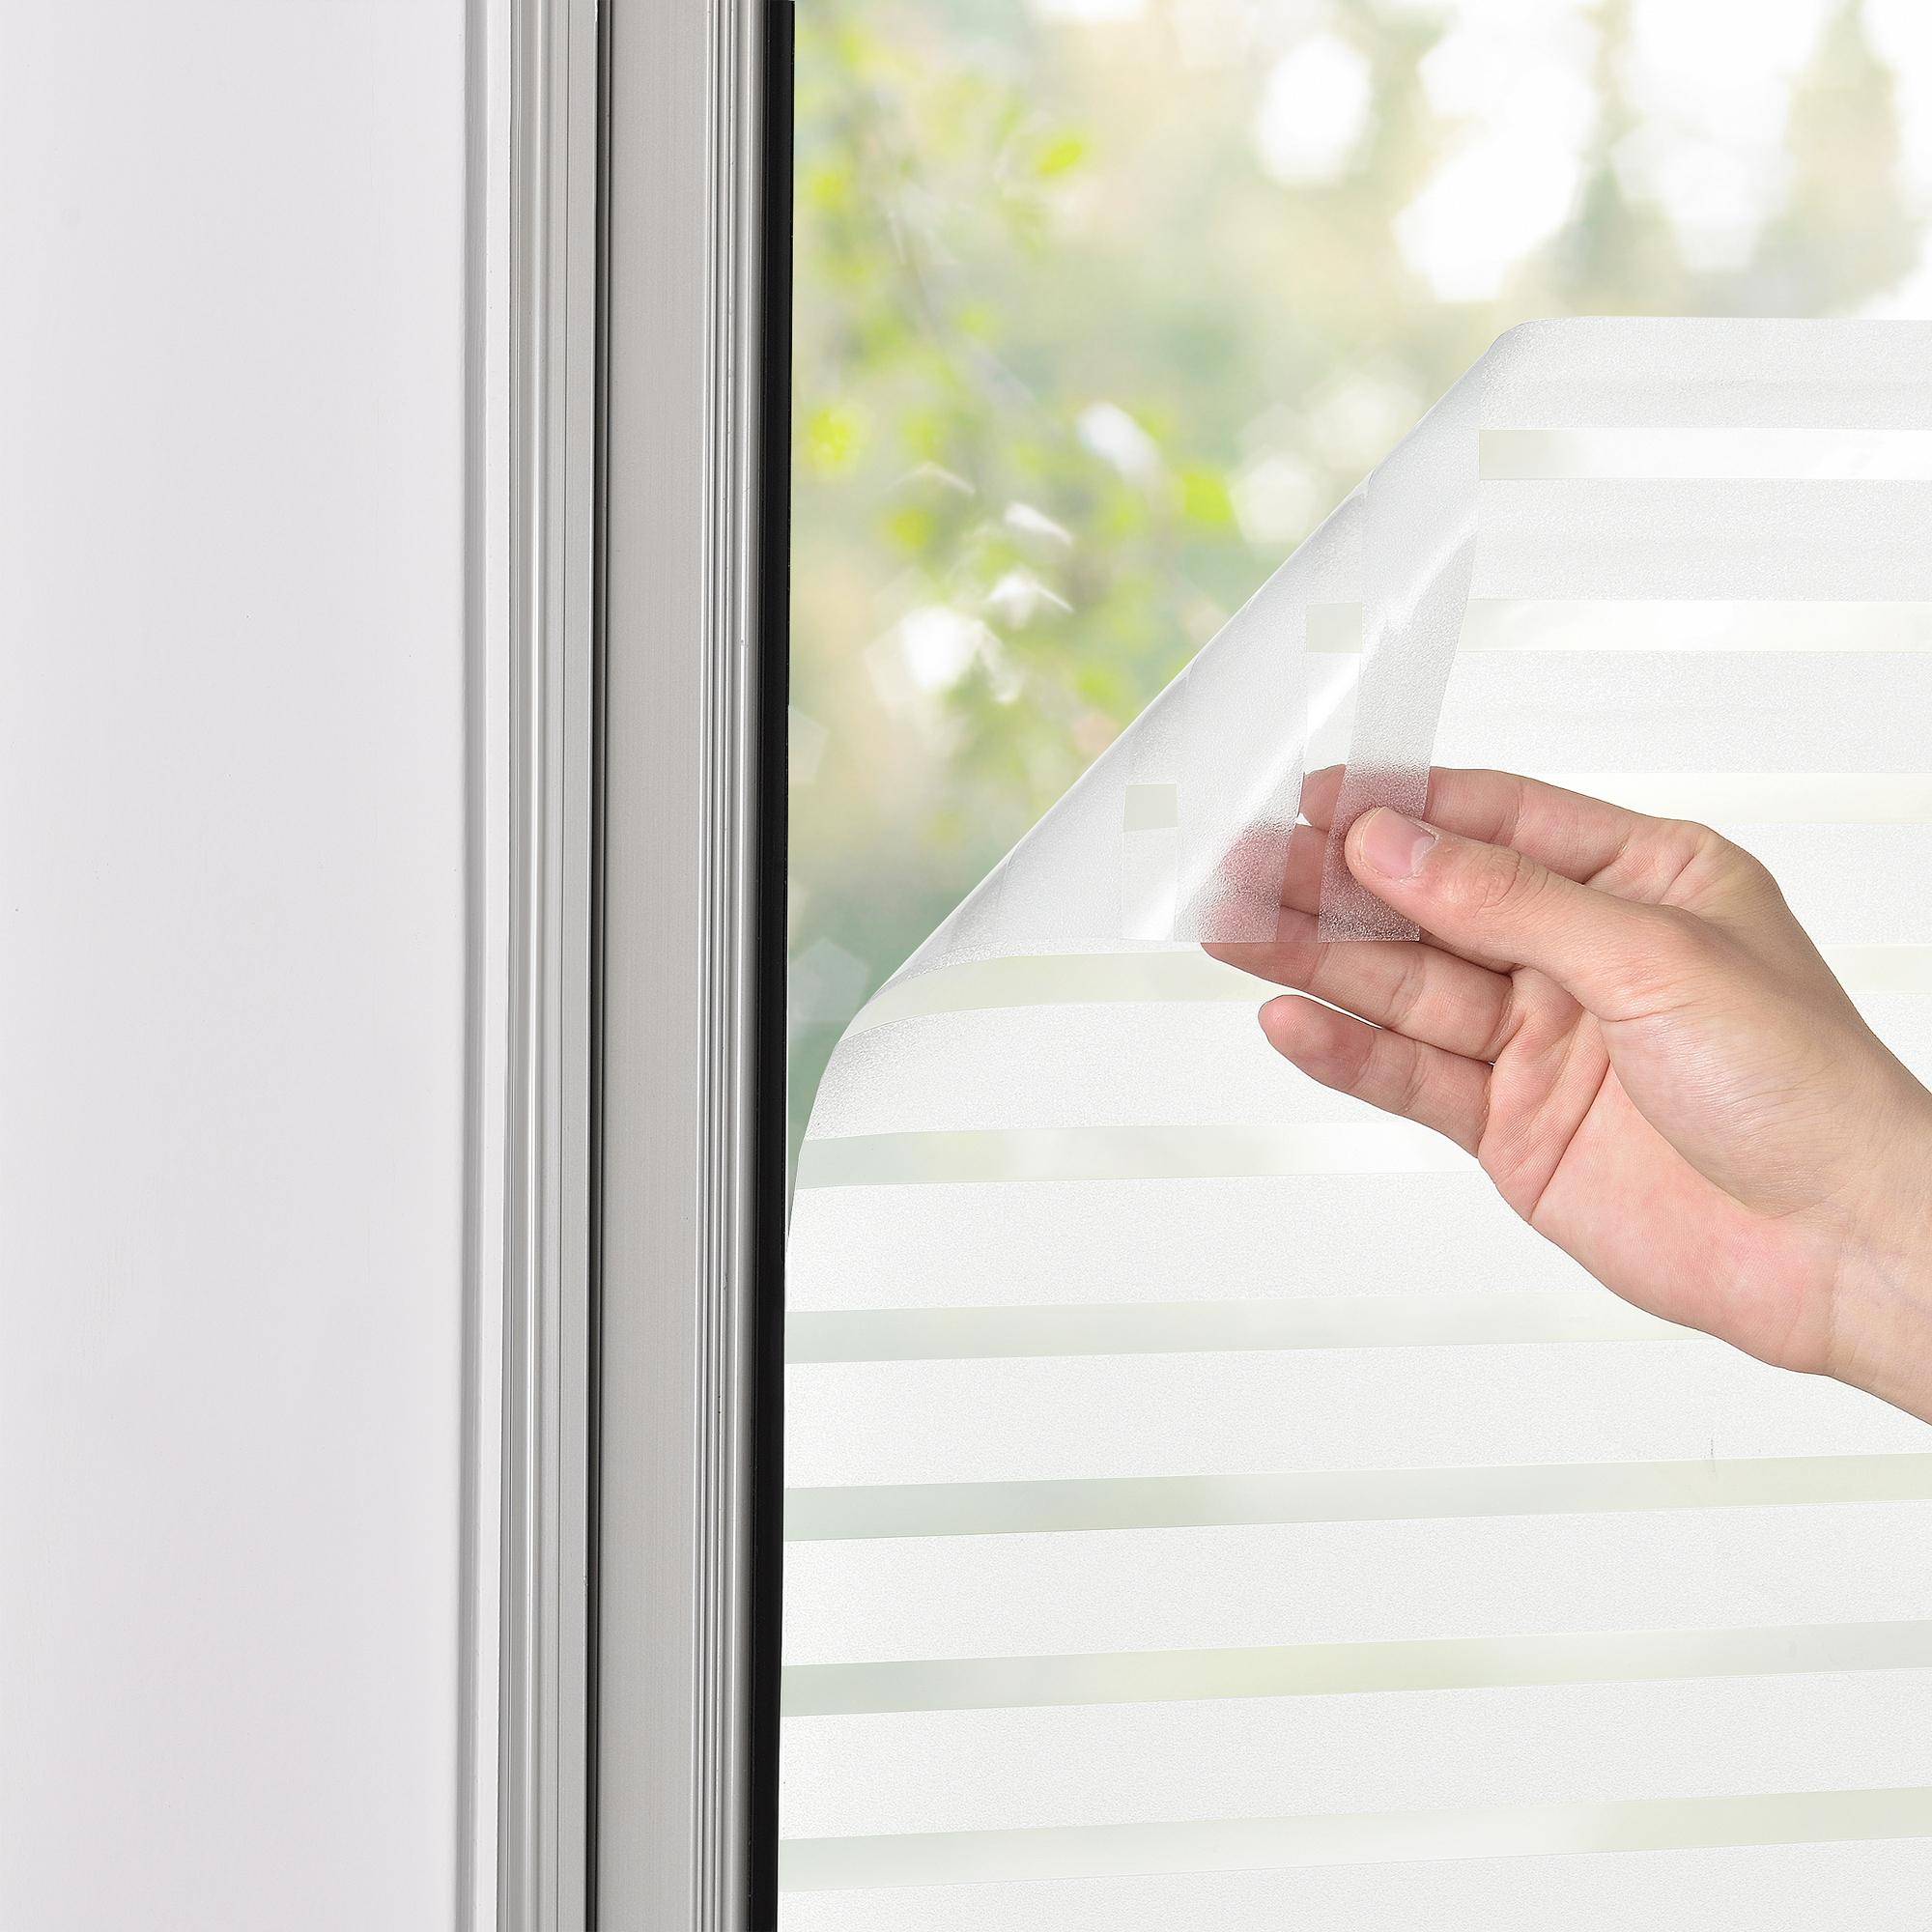 Casa Pro Sichtschutzfolie 50cm X 2m Statisch Milchglasfolie